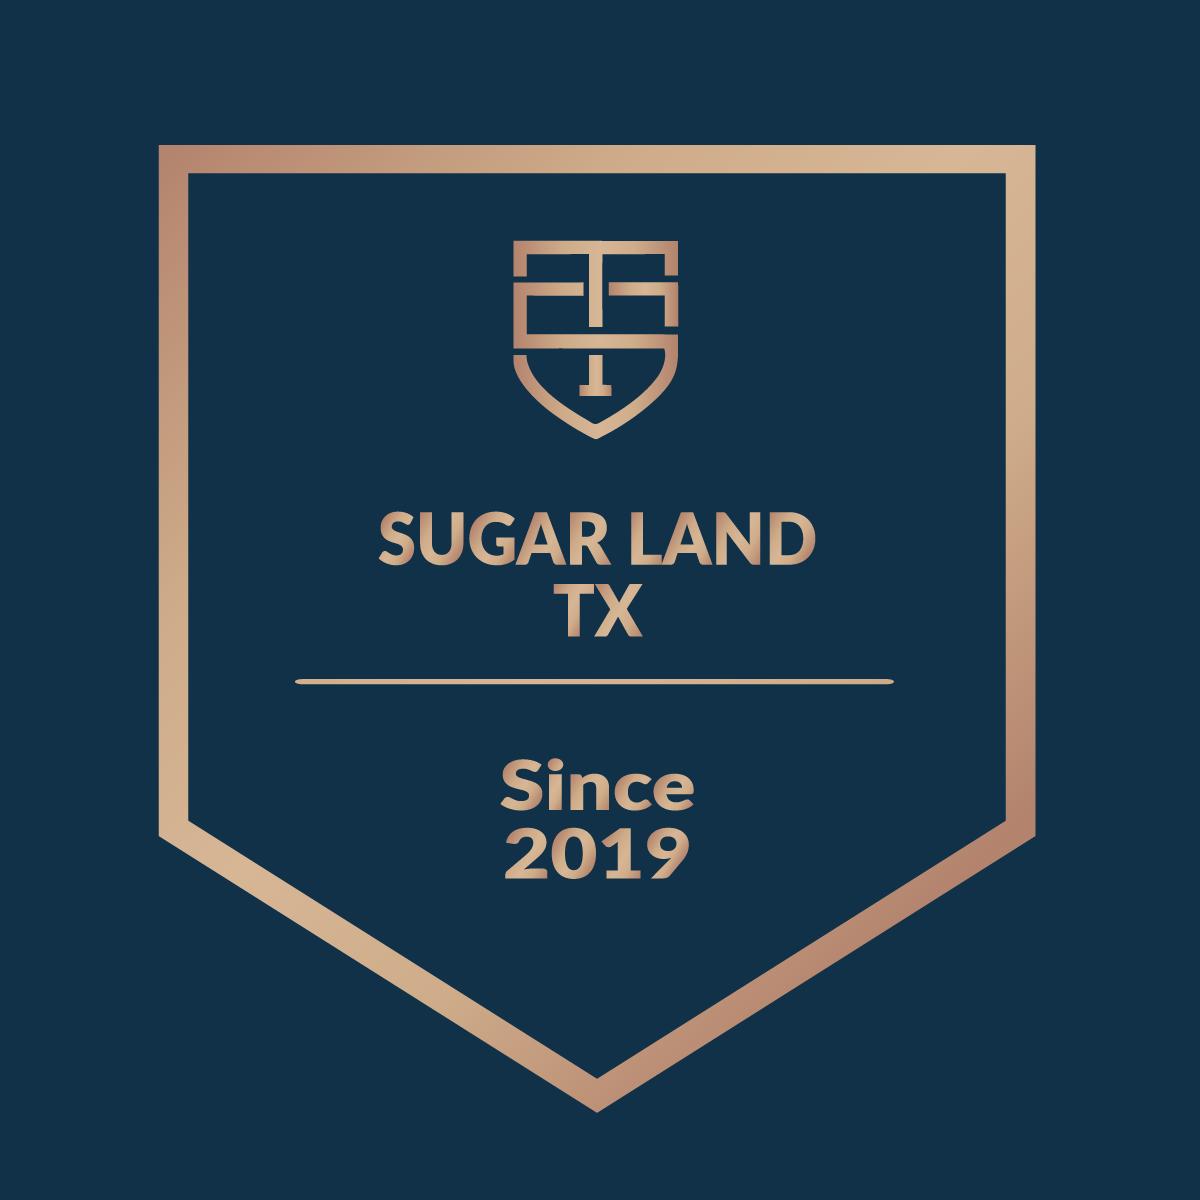 Texan Smile Dentist Sugar Land 77479 Membership Plan